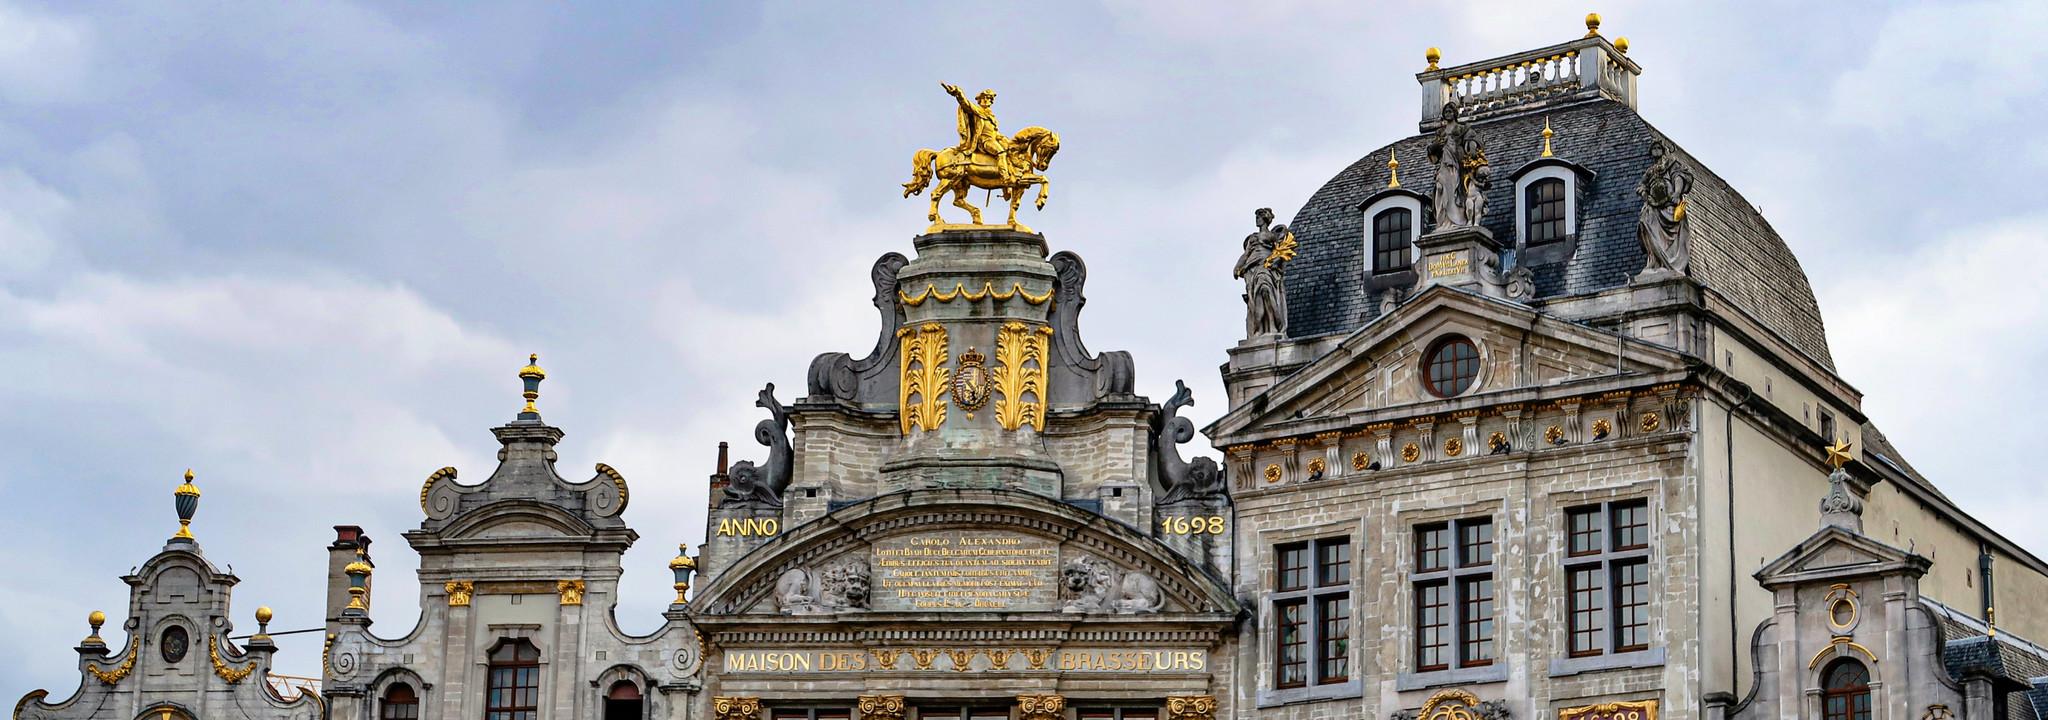 Waar vind je de beste parfumeries in Brussel? Een geurige stadswandeling.